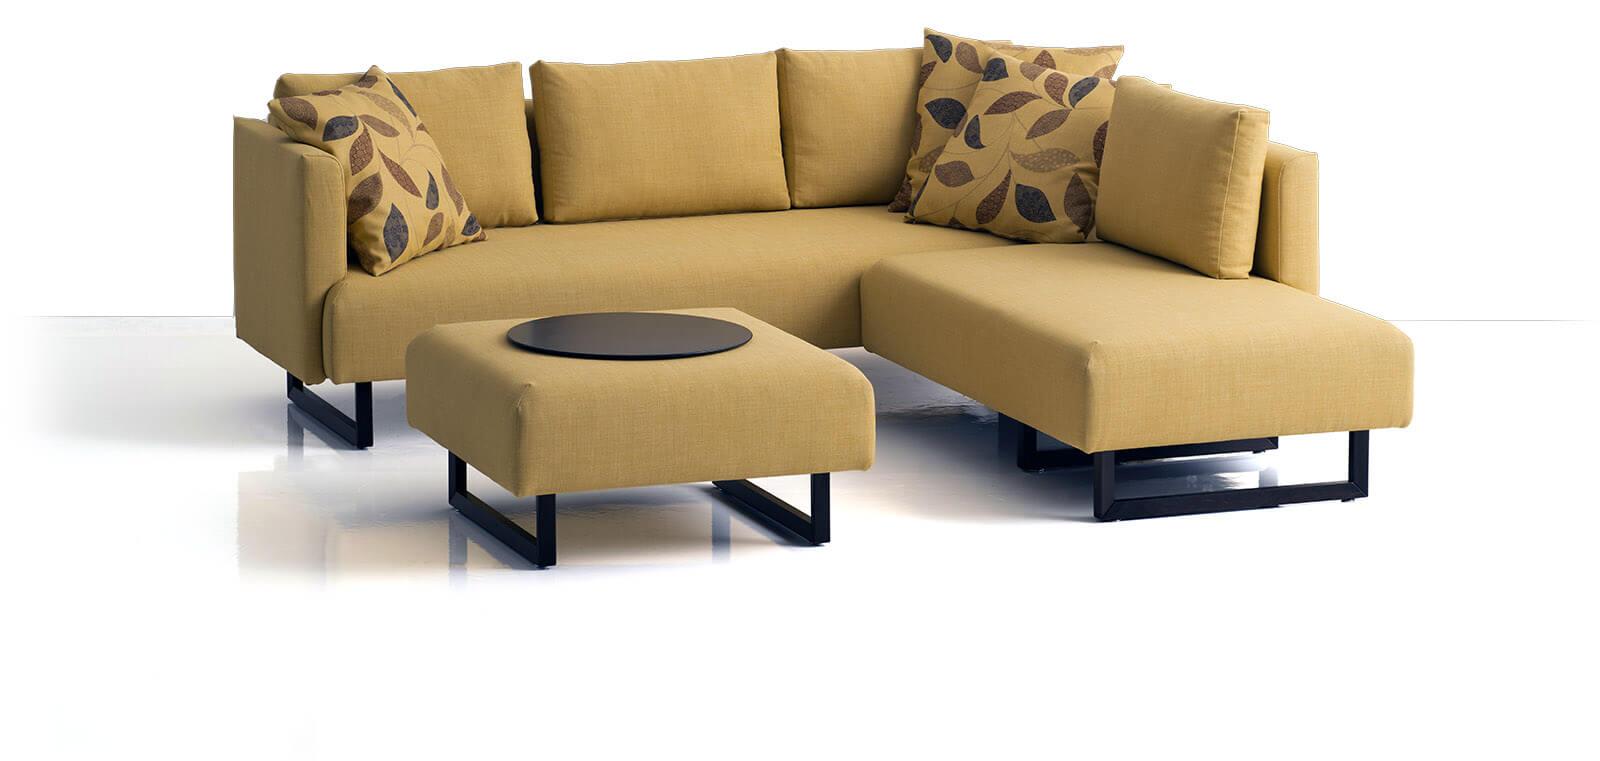 Franz Fertig Sofas sectional sofa bed or sofa